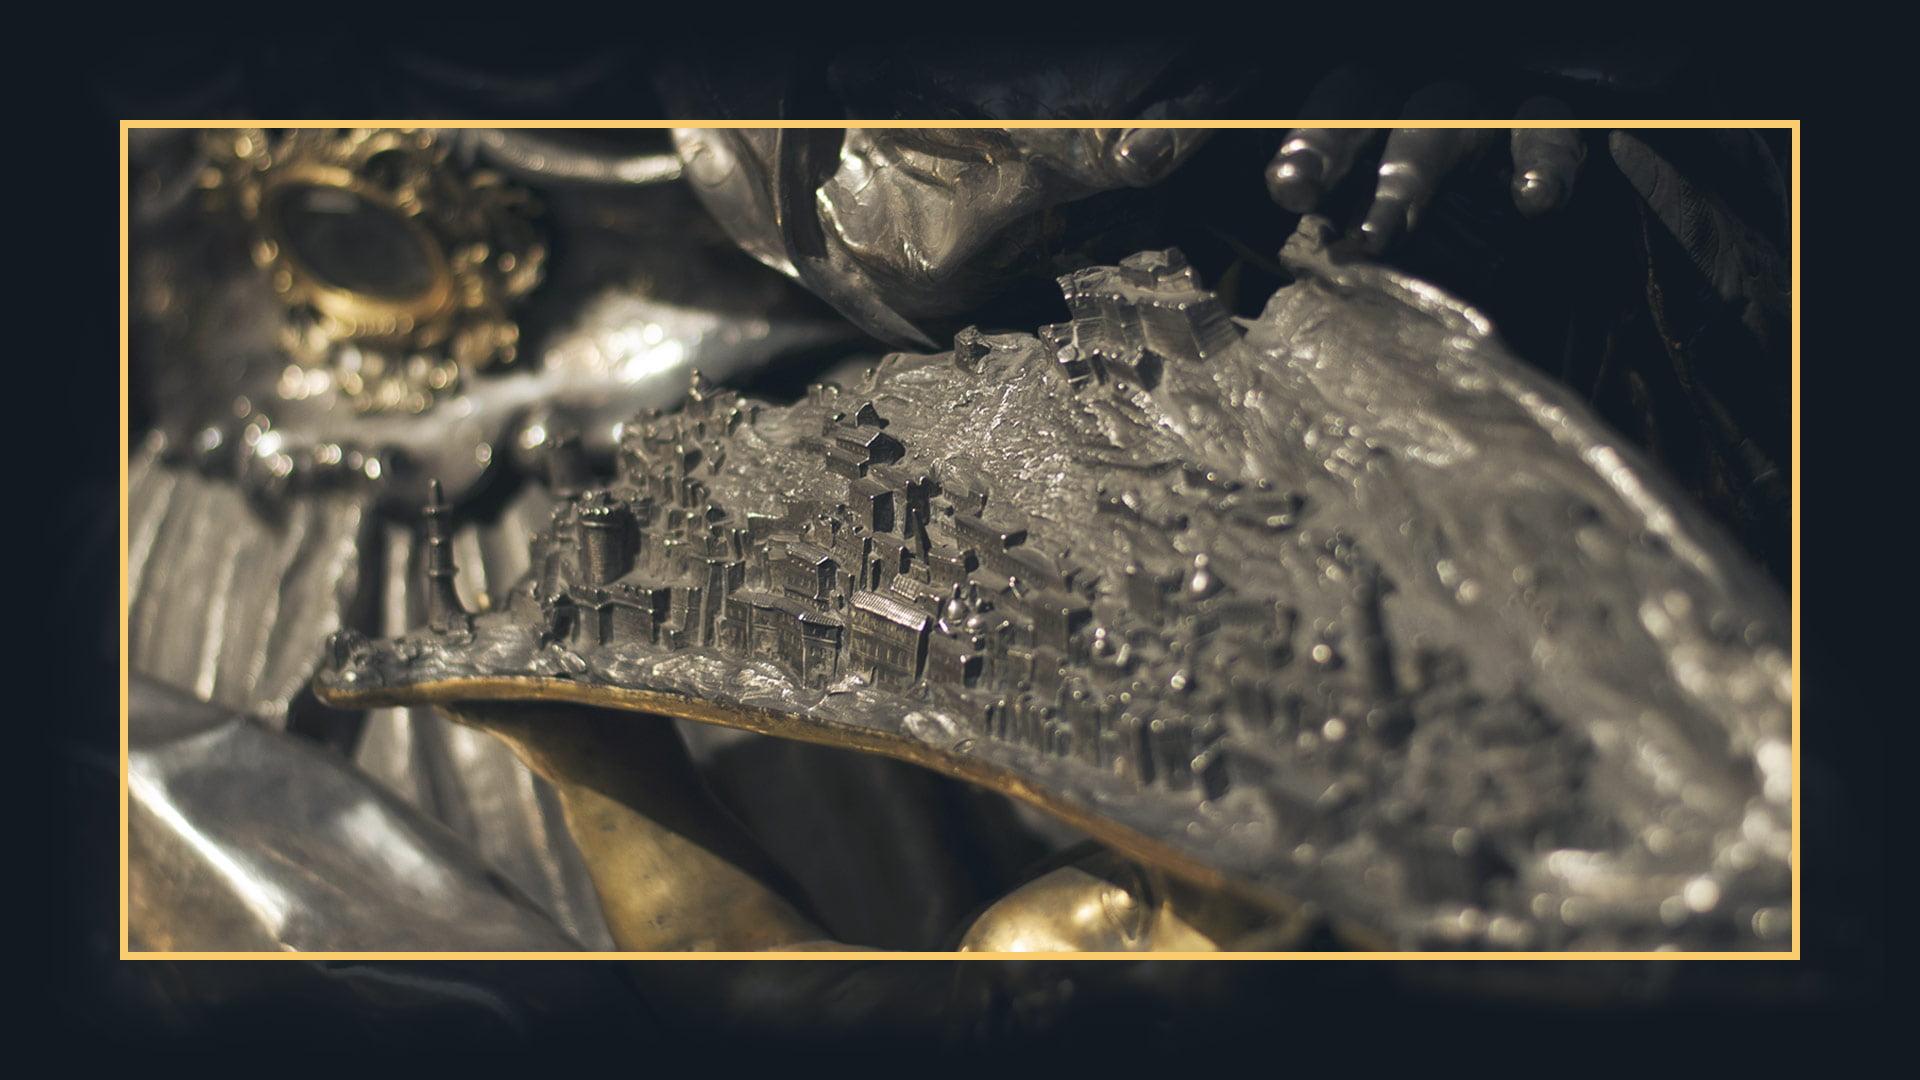 Dettaglio del plastico tridimensionale in argento della statua di Santa Irene